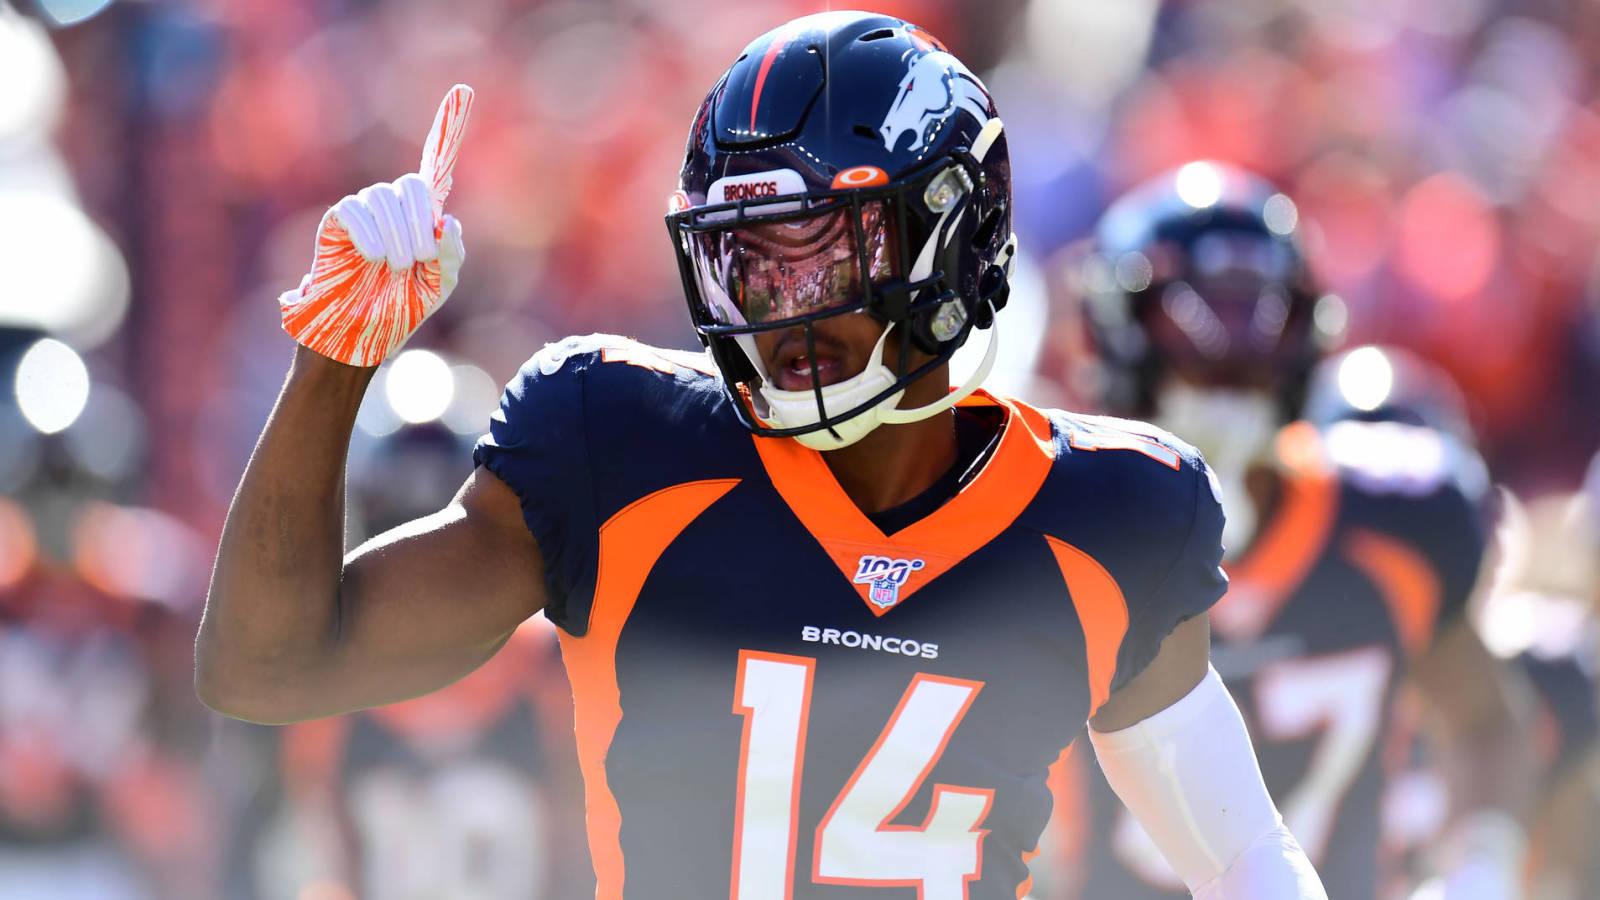 Watch: Broncos WR Courtland Sutton makes wild 48-yard catch - Yardbarker